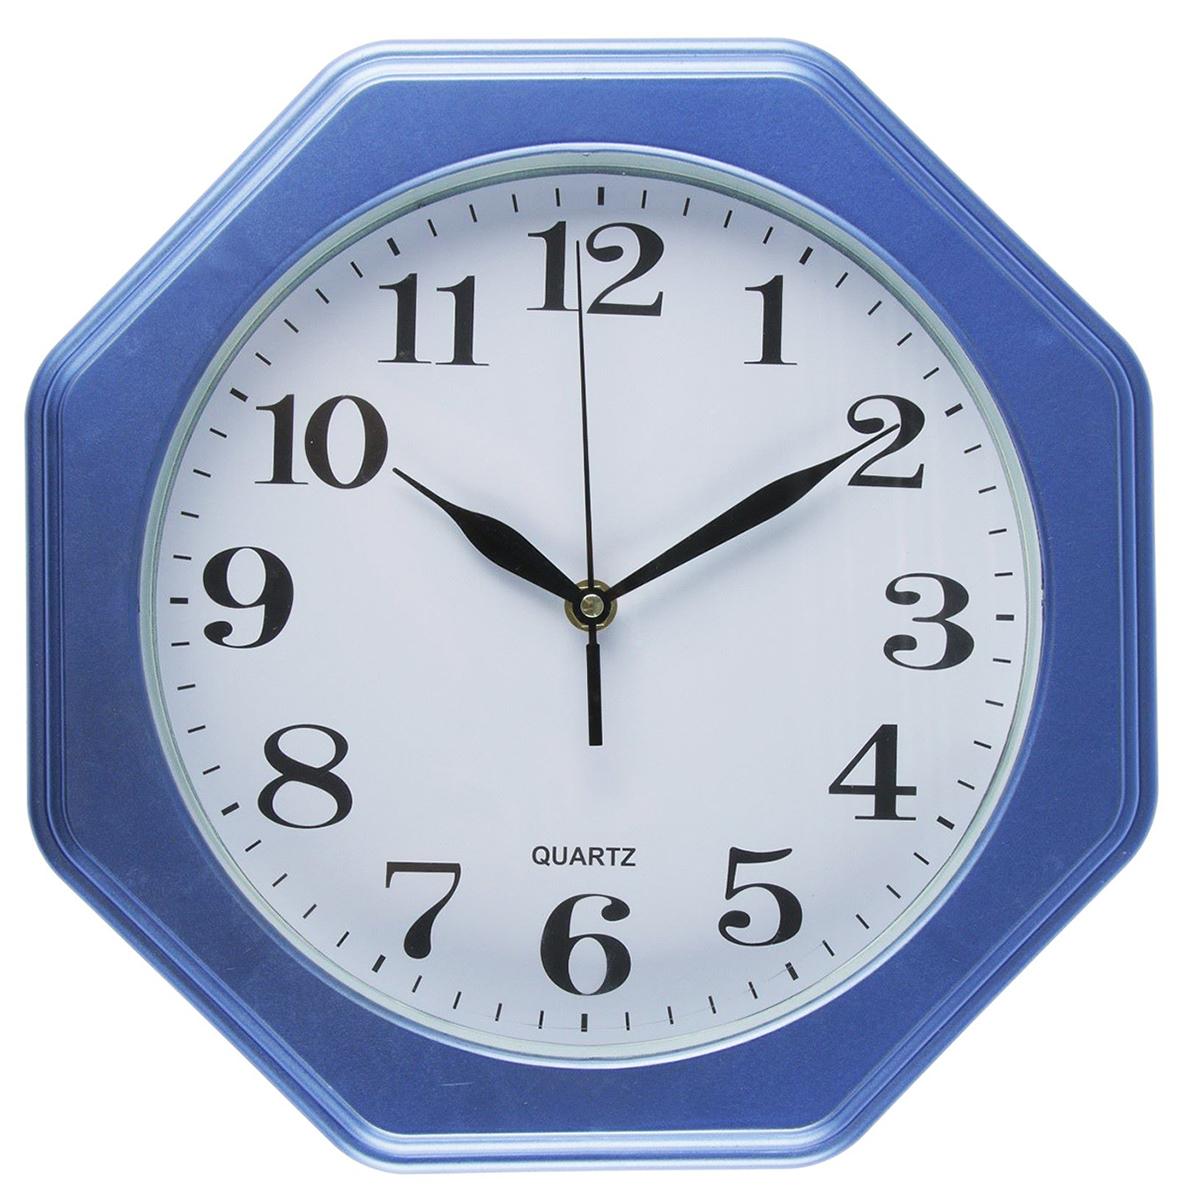 Часы настенные Восьмигранник, 30 см хочу продать свою квартиру которая менее 3х лет и другую какие налоги надо заплатить